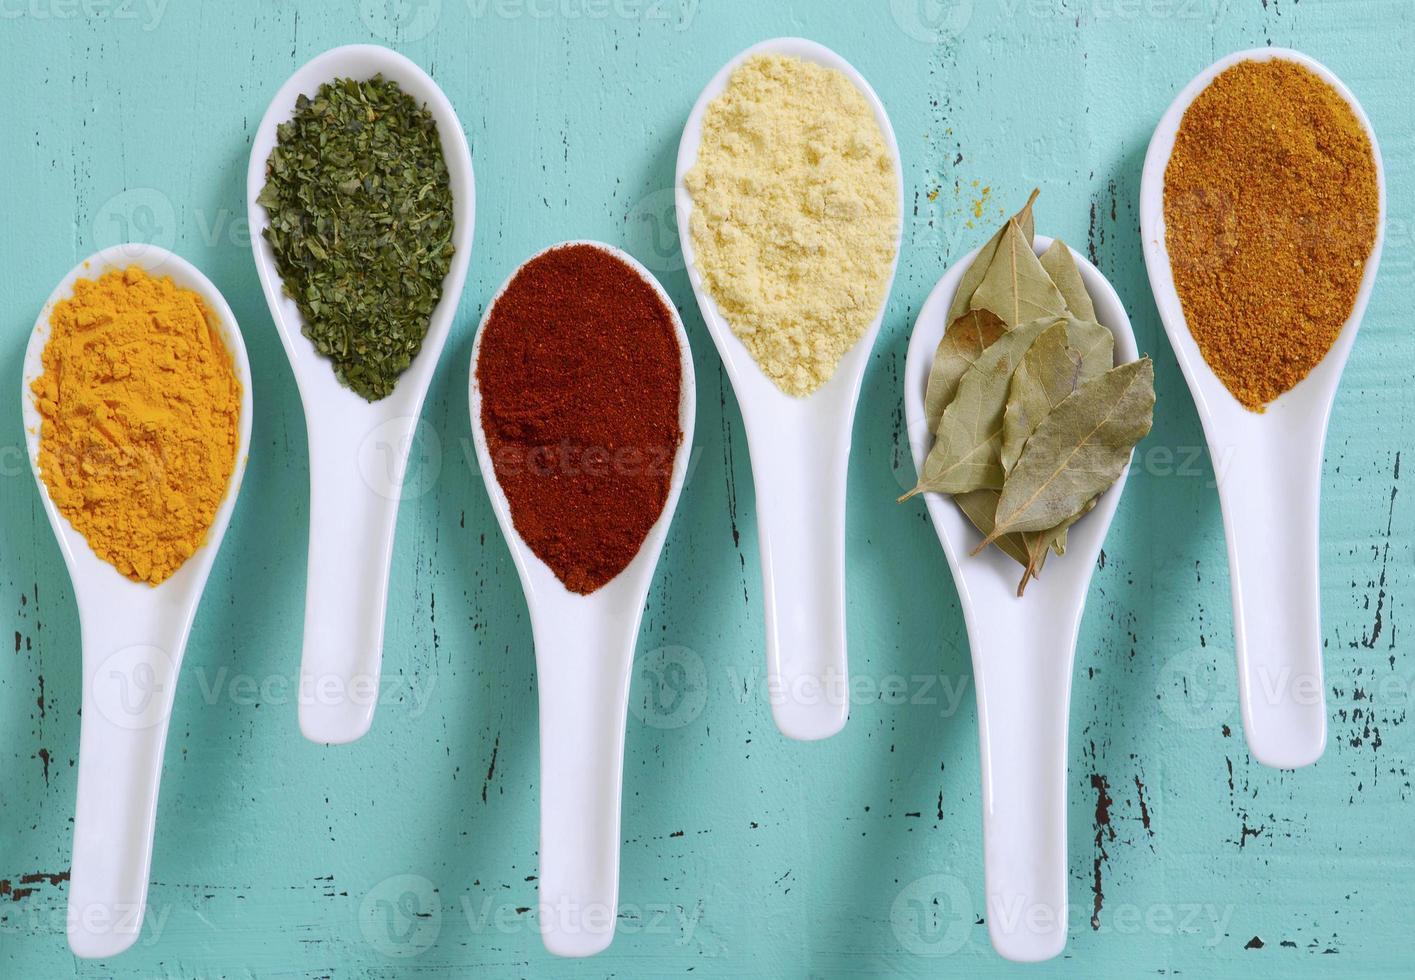 épices de cuisine colorées sur table en bois photo